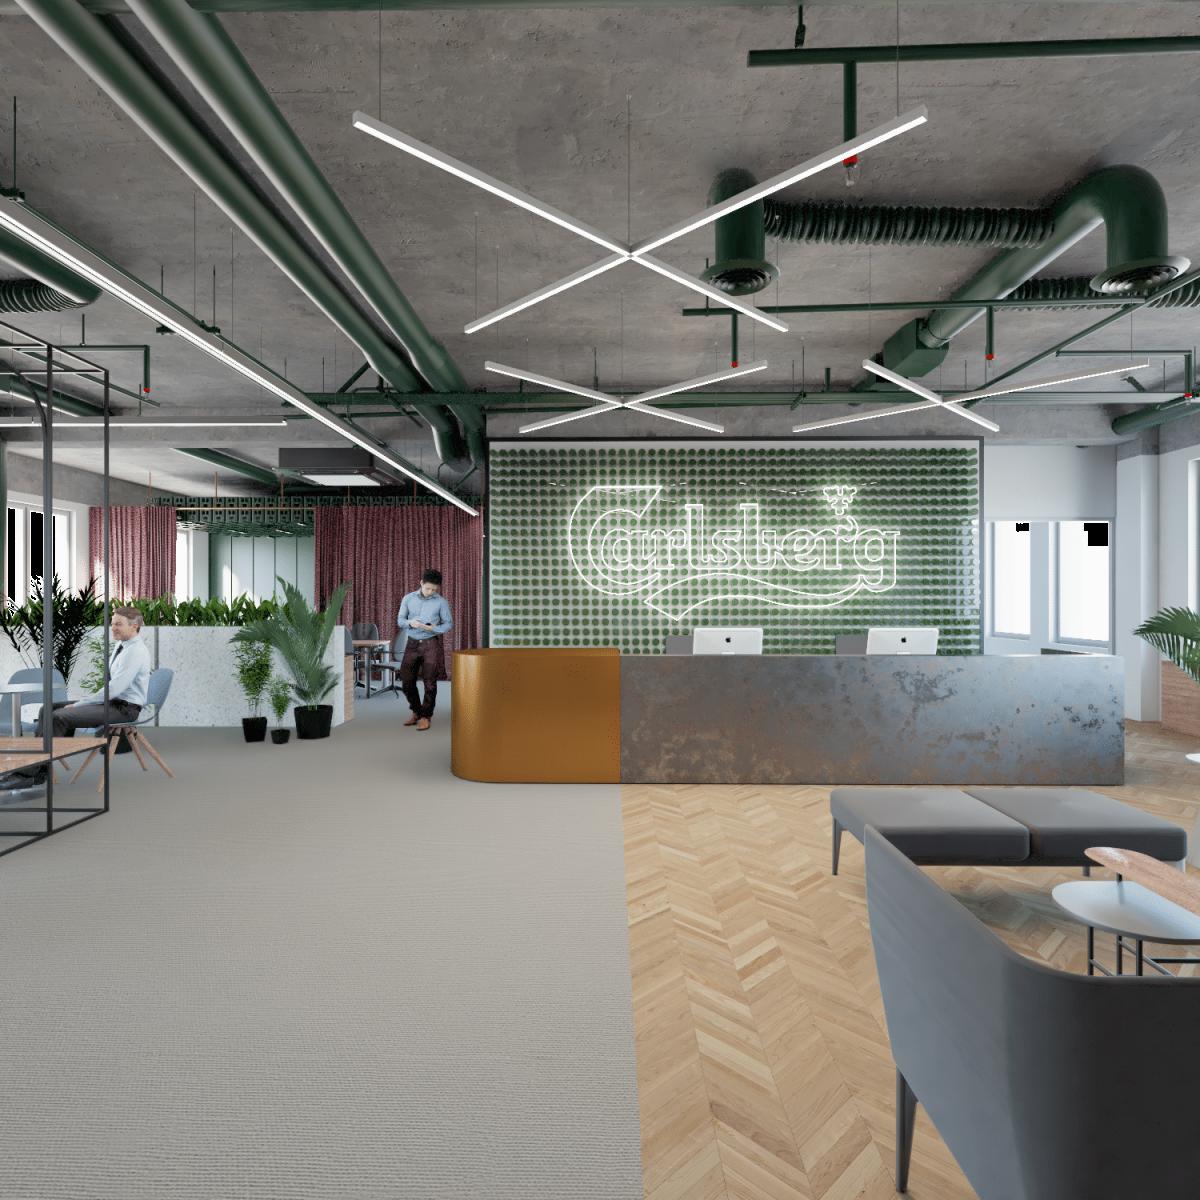 Biuro Carlsberg Shared Services - architektura wejścia do biura zgodnie z projektem przebudowy biura pod wytyczne activity based working